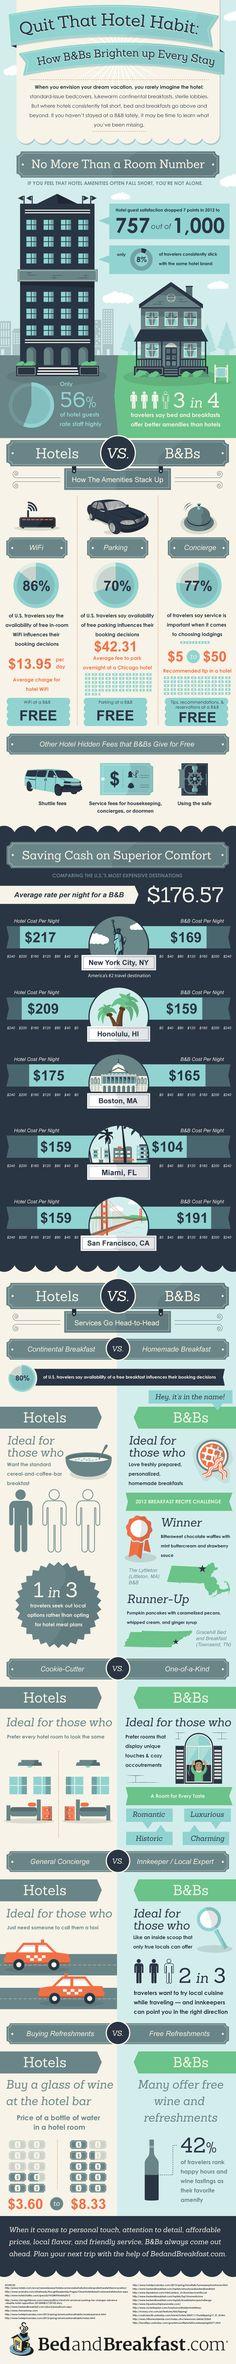 Hotels vs. B&Bs